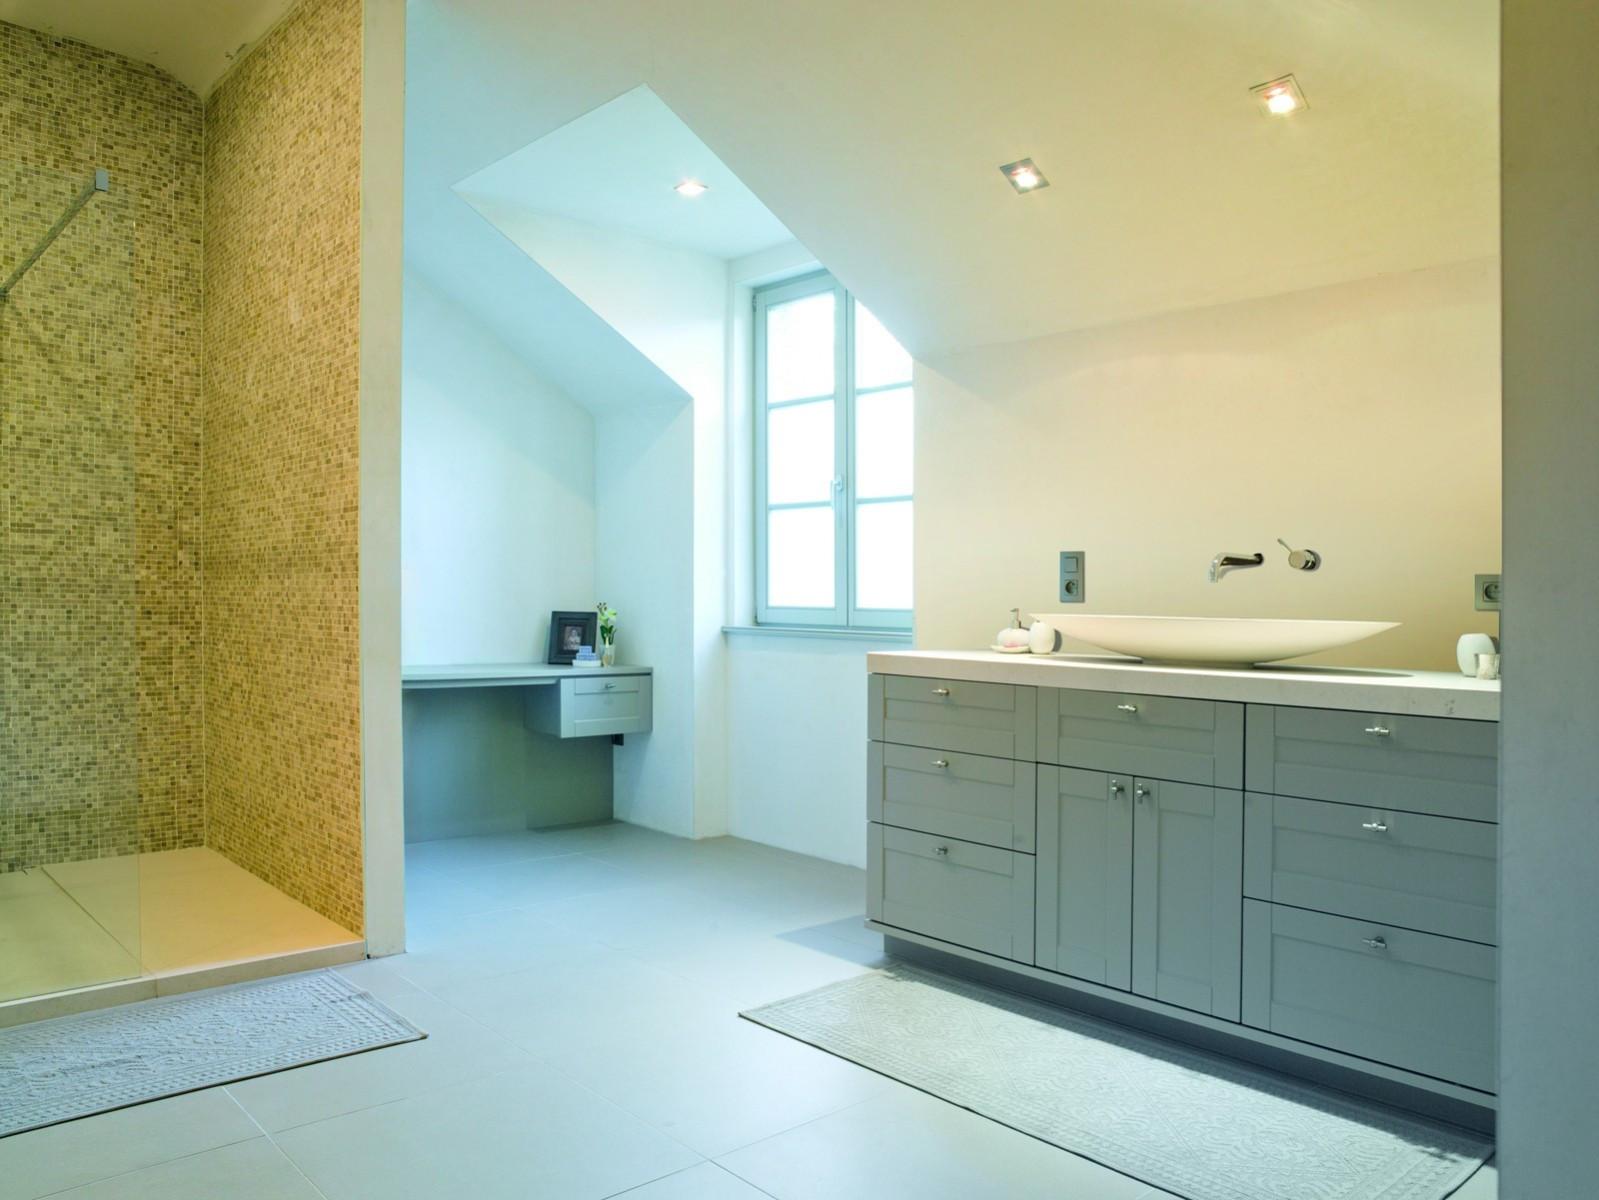 Badkamer met kasten op maat › Kast-ID   Kasten, Meubelen, Dressings ...